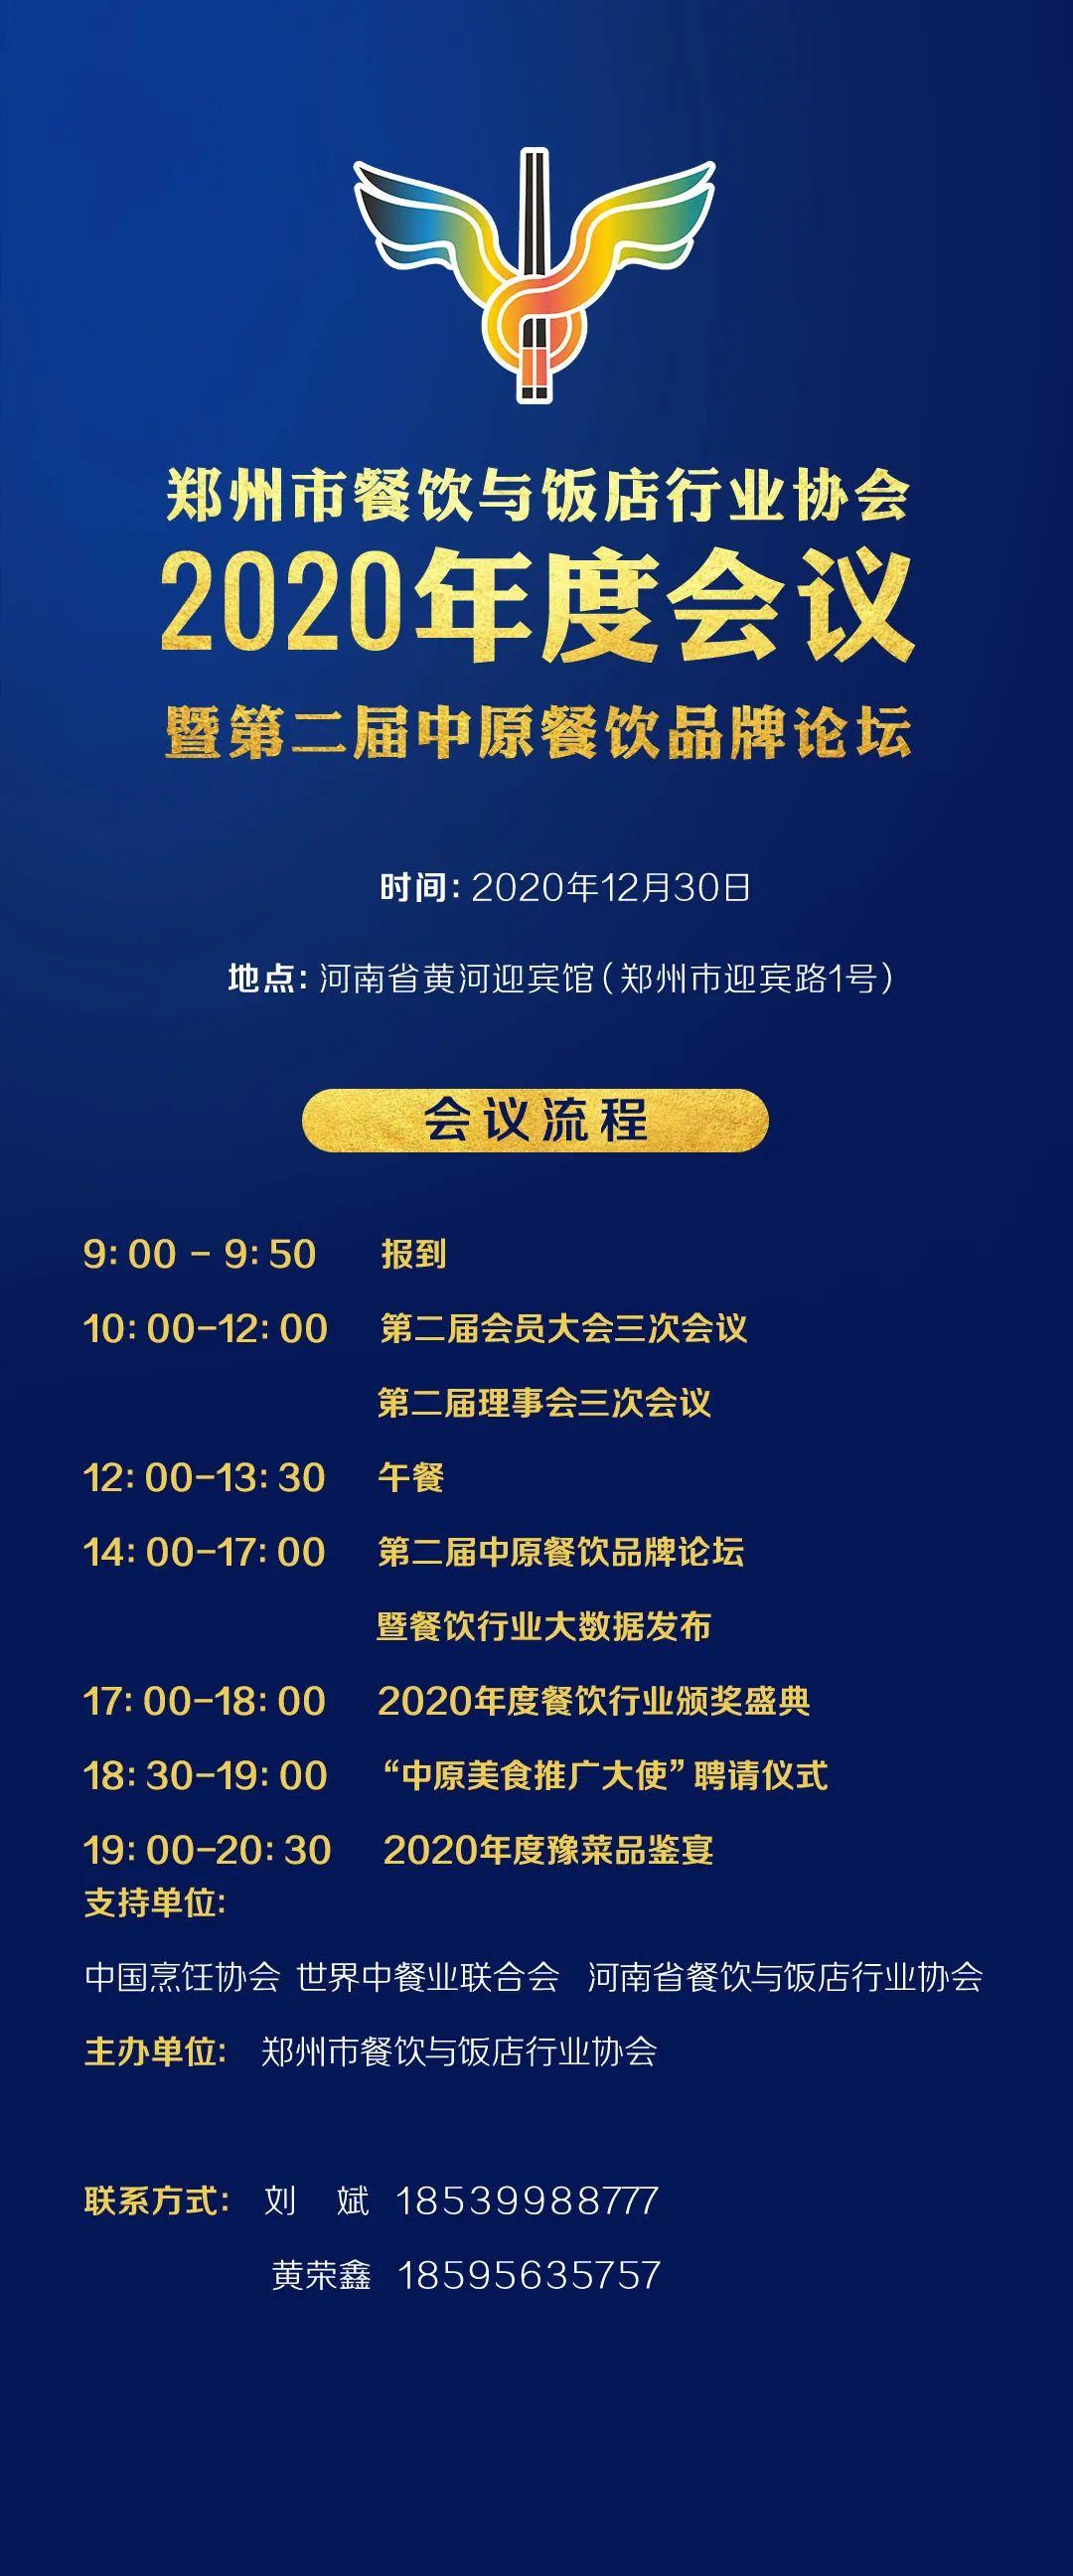 郑州餐协年会召开在即   全球餐饮大咖祝福郑州